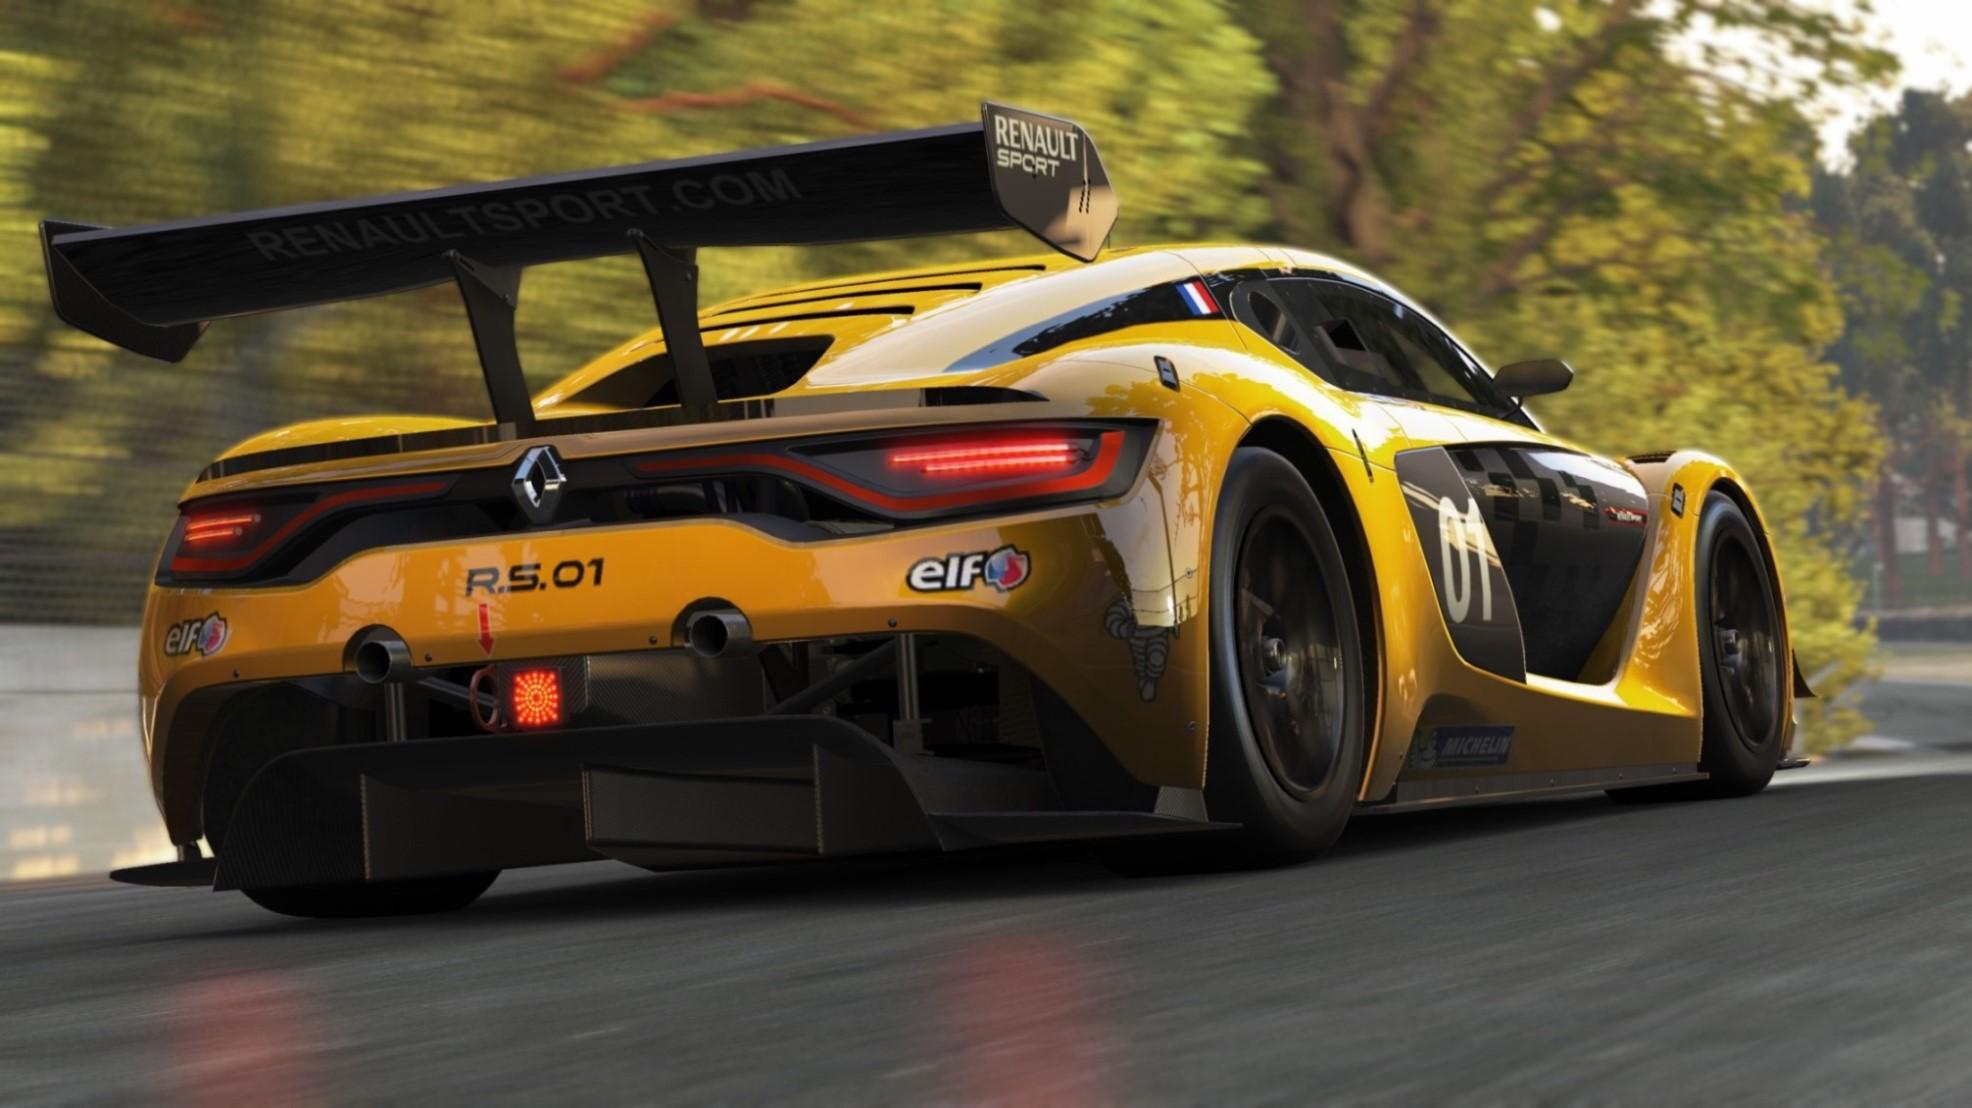 Renault Sport s'associe à Vitality dans Rocket League